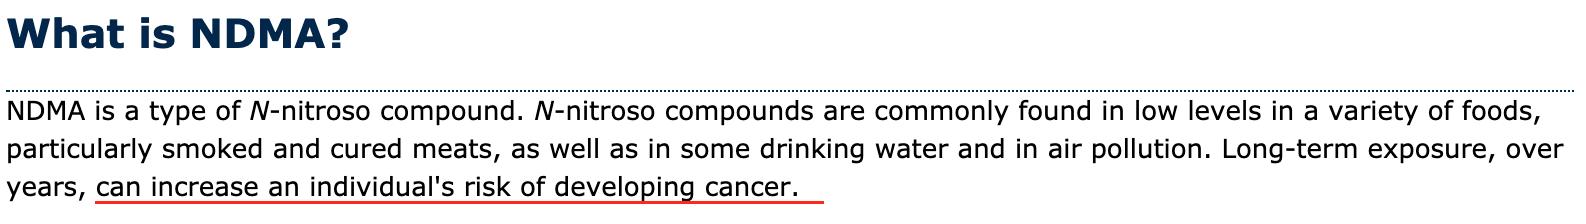 超一半澳洲人家中常备胃药含致癌物遭召回!肠胃保健产品选择需谨慎!